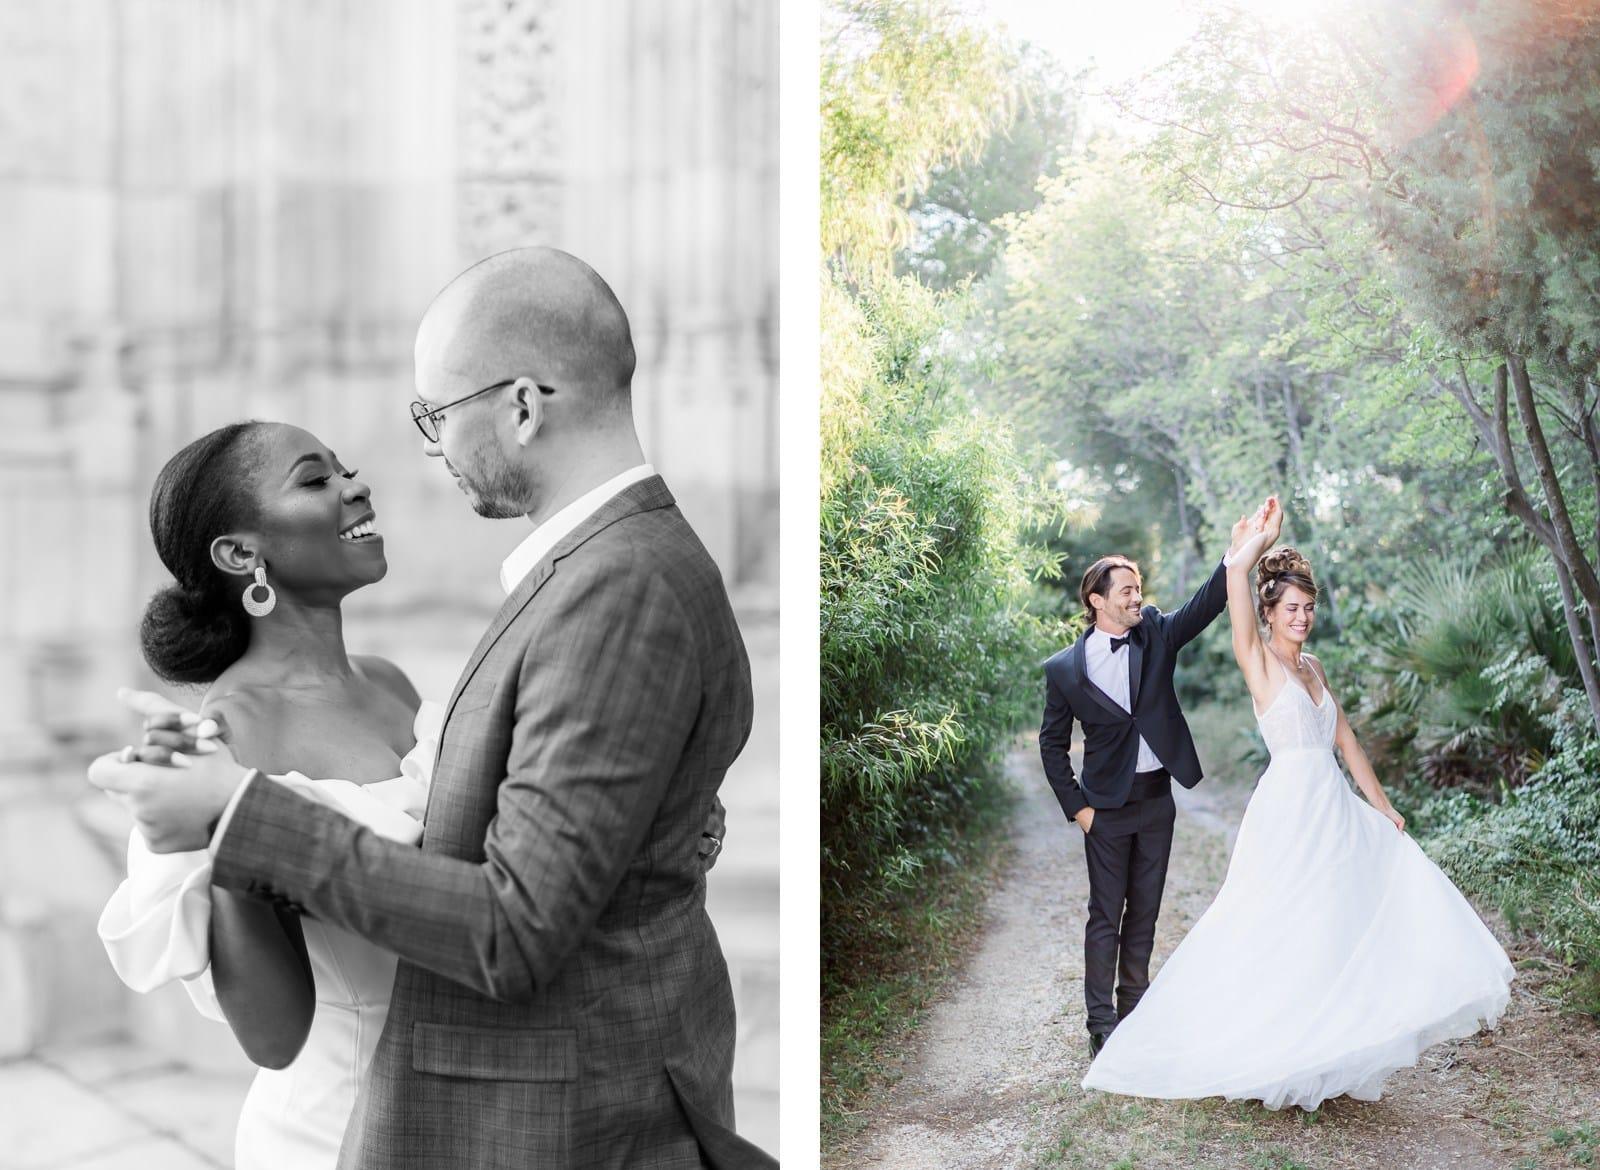 Photographie de Mathieu Dété, photographe de mariage à La Réunion, présentant des conseils pour des photos shooting couple, les mariés sont en train de danser